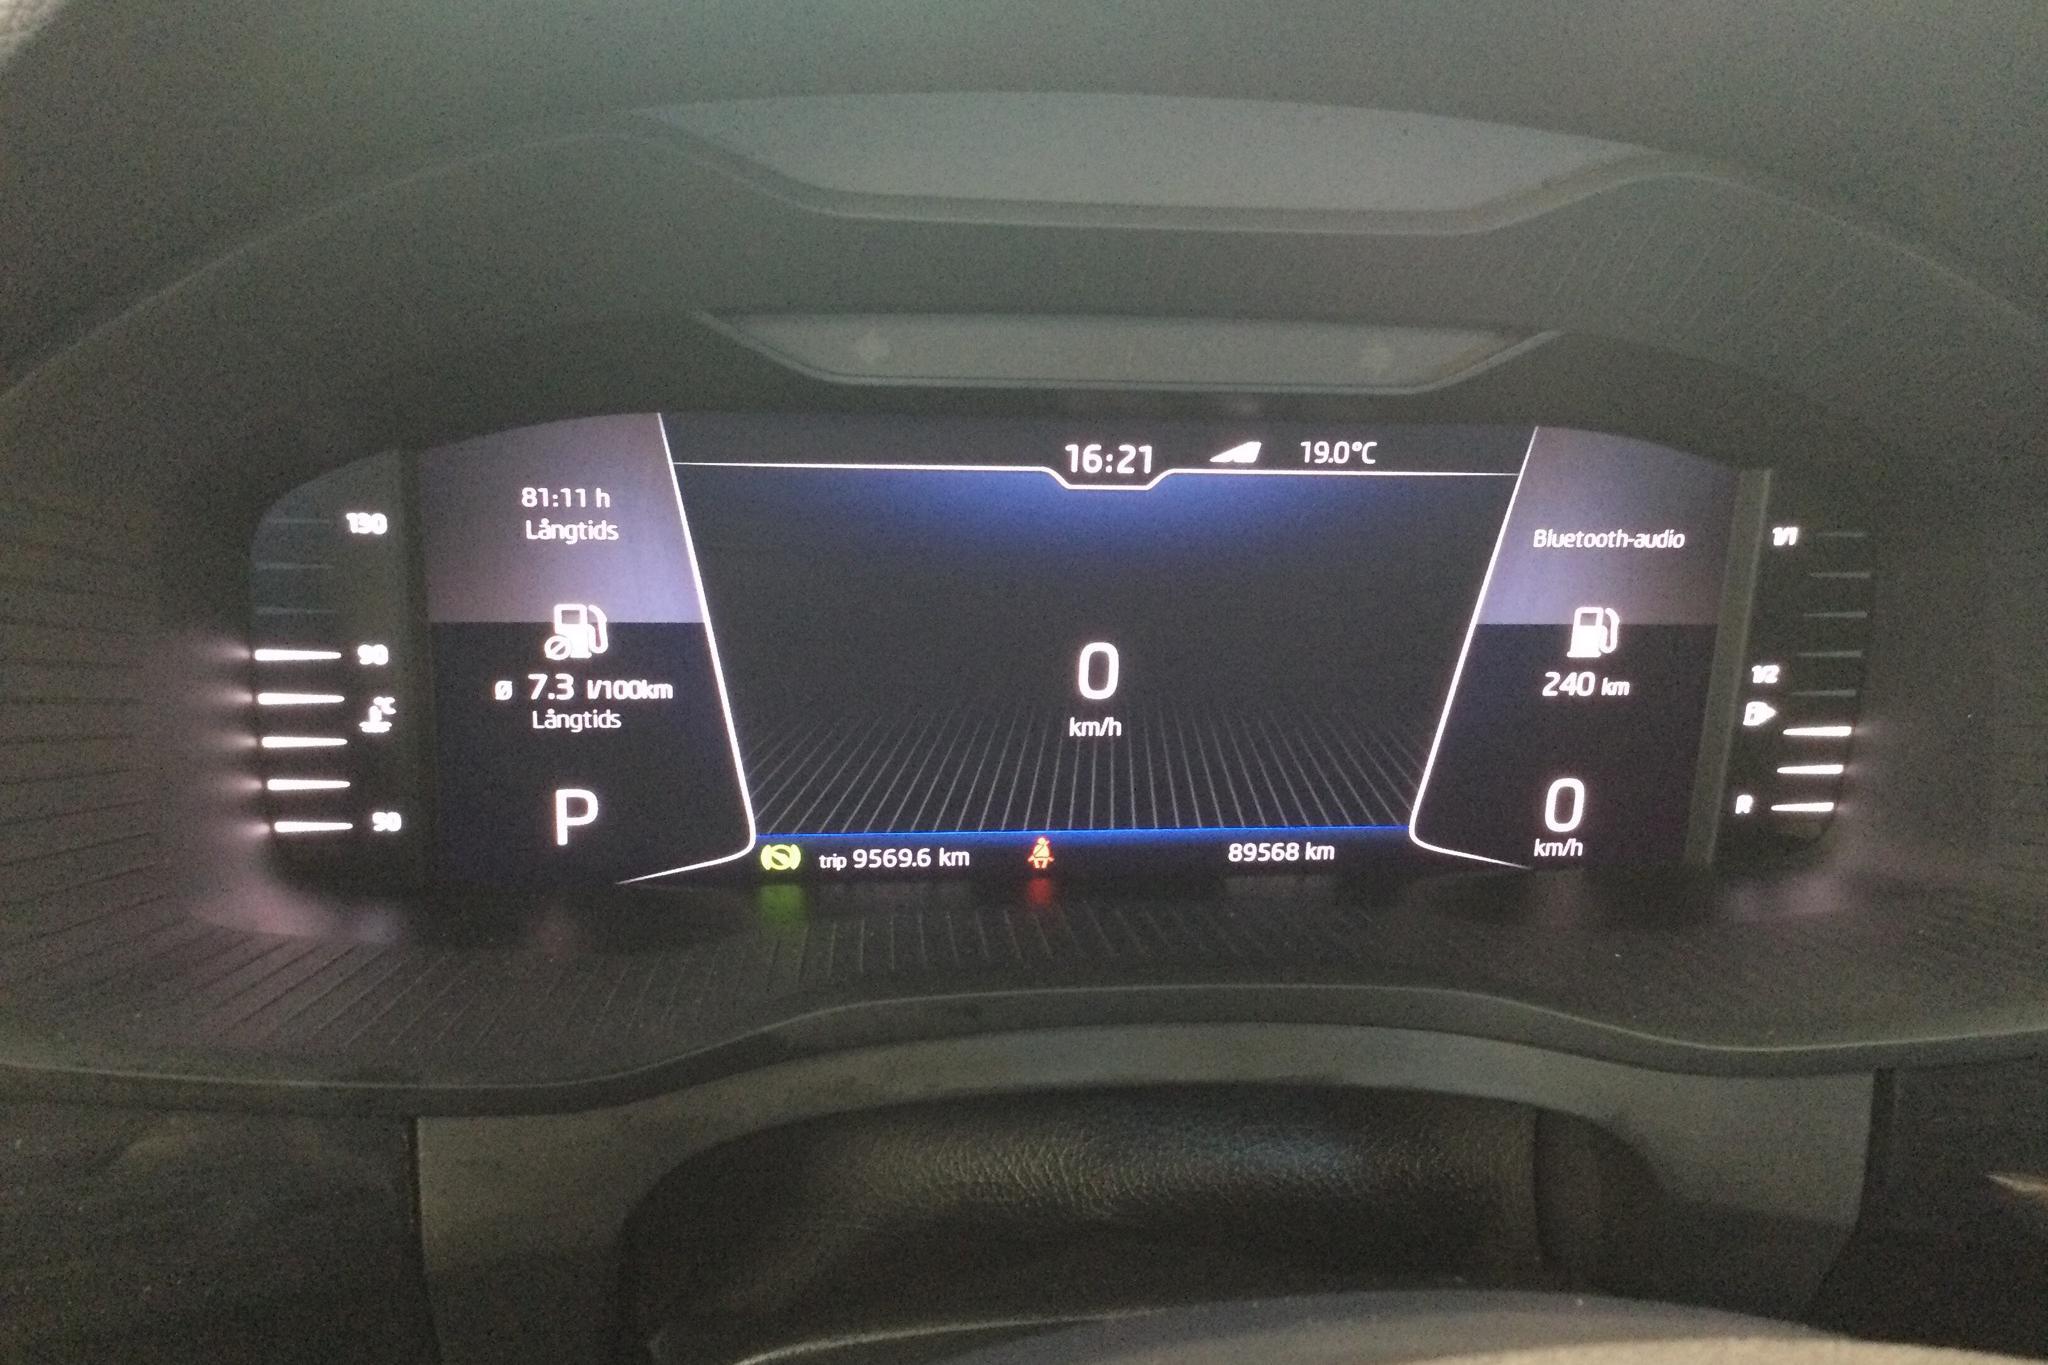 Skoda Kodiaq 2.0 TDI 4X4 (190hk) - 89 560 km - Automatic - black - 2019